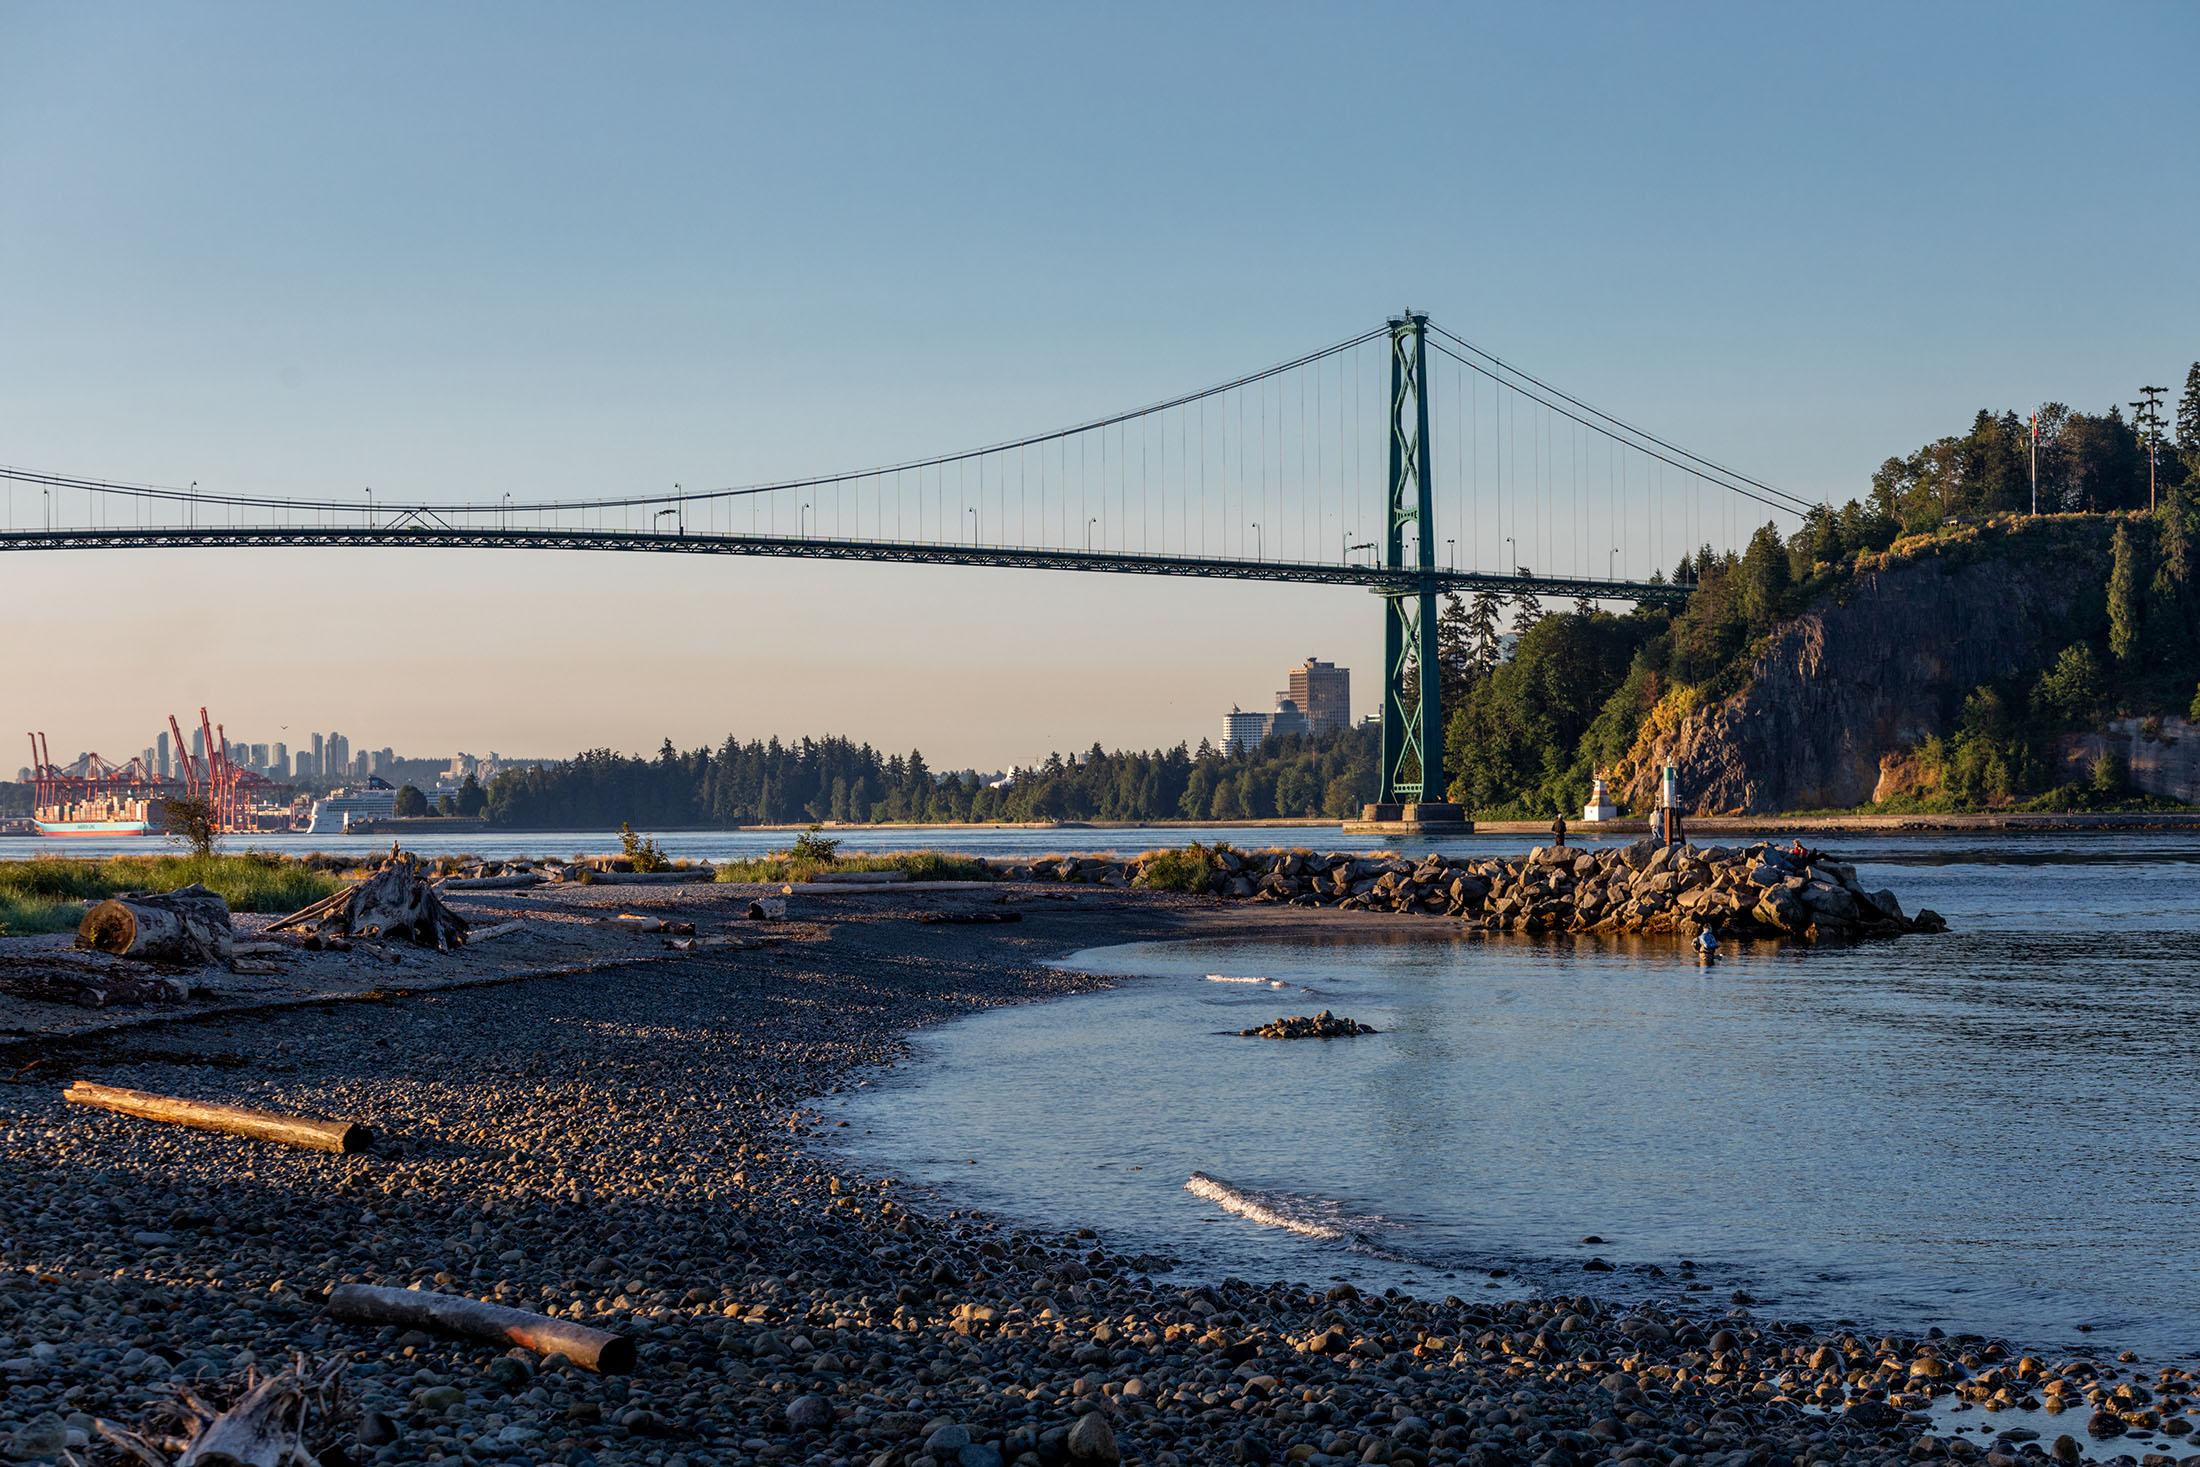 Lions Gate Bridge from Ambleside Park beach, West Vancouver